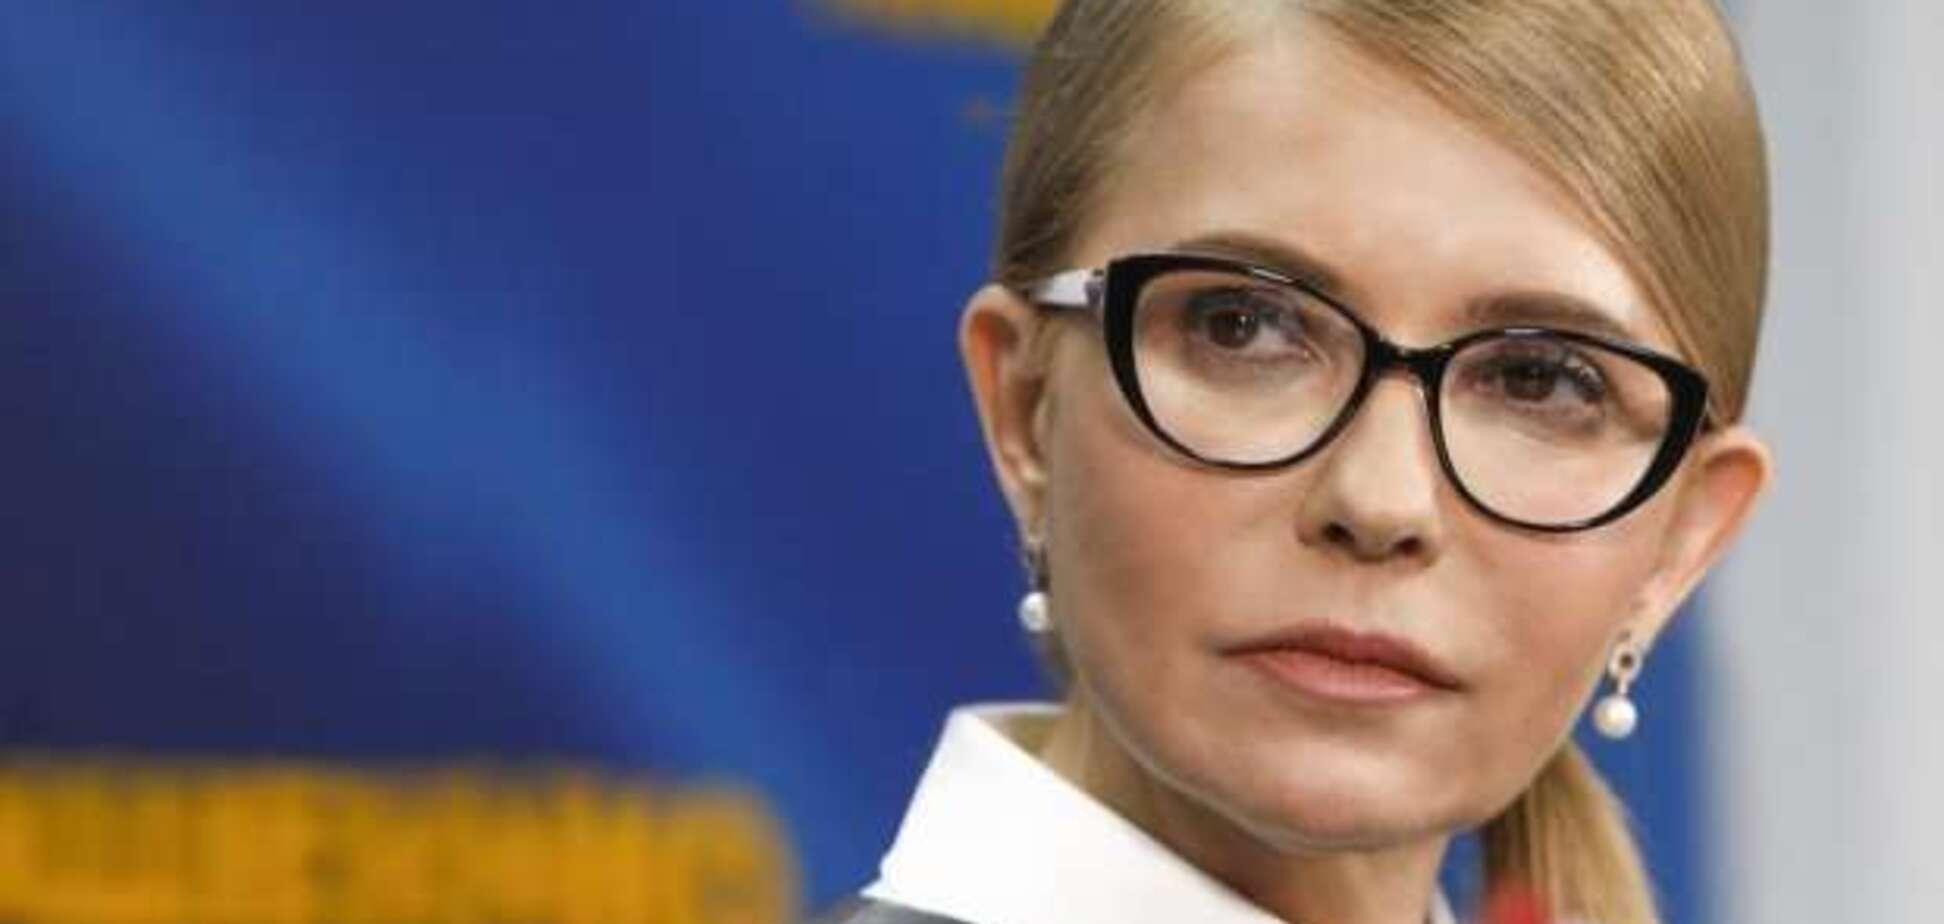 'Семья – мужчина и женщина': Тимошенко категорично высказалась об однополых браках